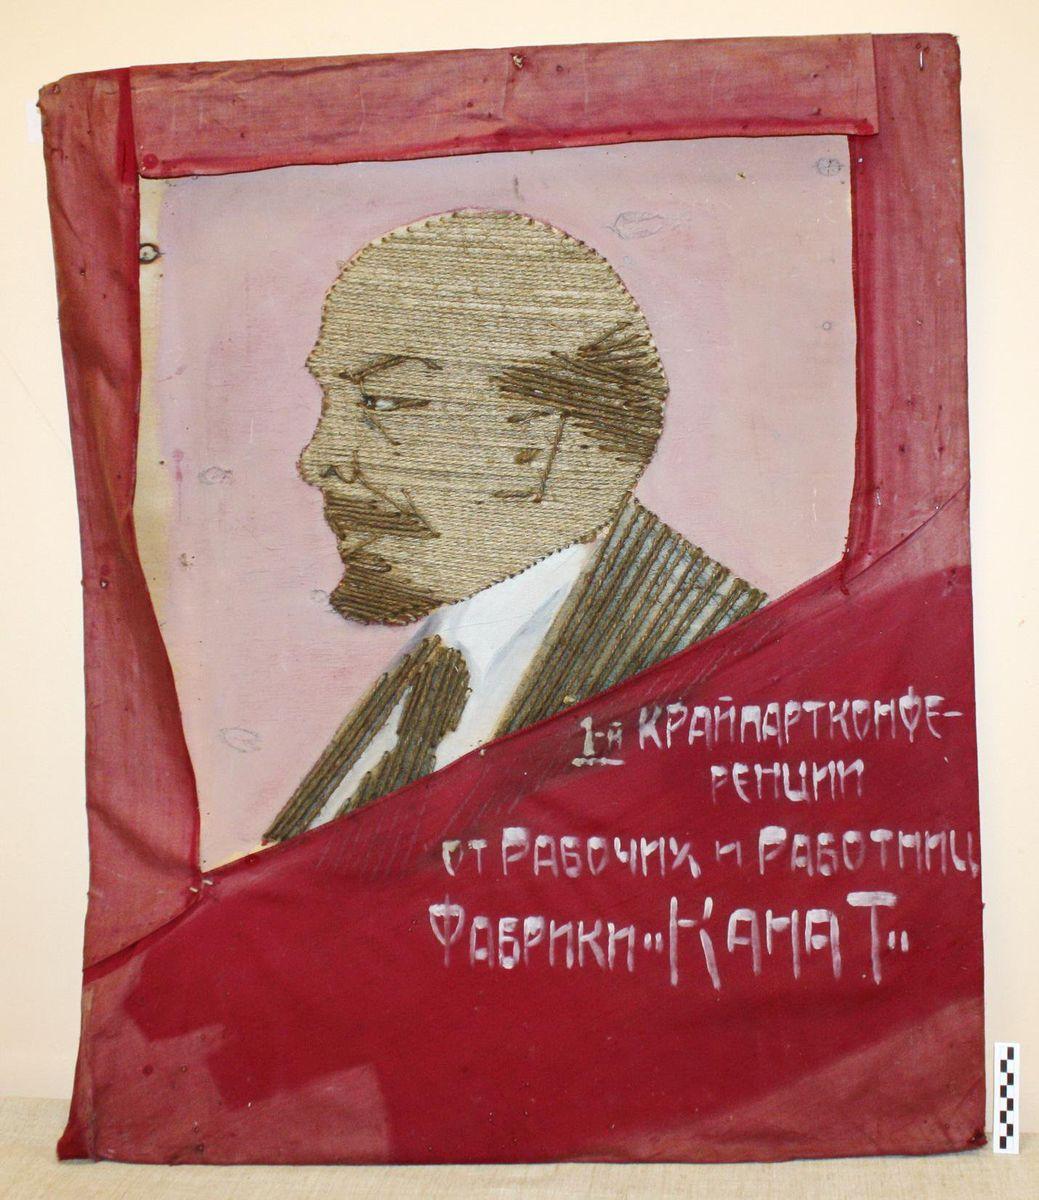 АОКМ КП-50668 Панно. Профиль В.И.Ленина из верёвки